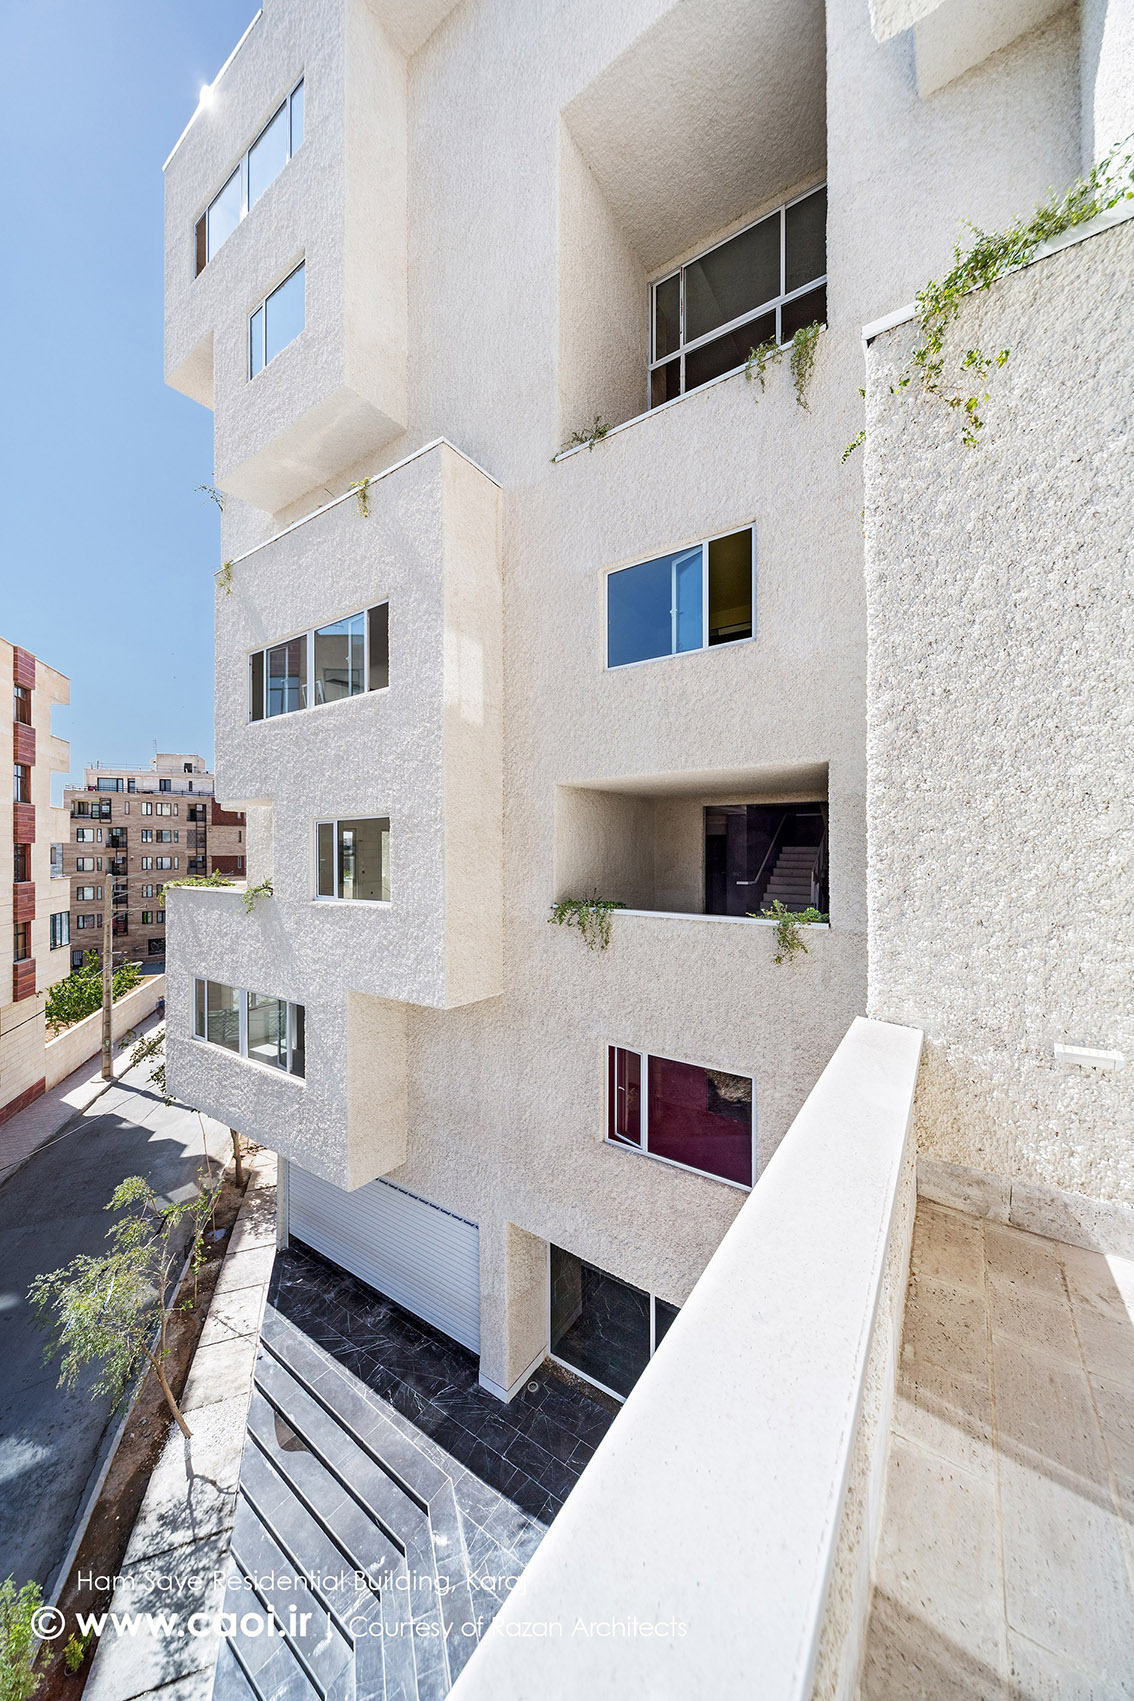 بالکن مجتمع مسکونی,نمای ساختمان مسکونی همسایه,نمای مجتمع مسکونی,طراحی نمای مجتمع مسکونی